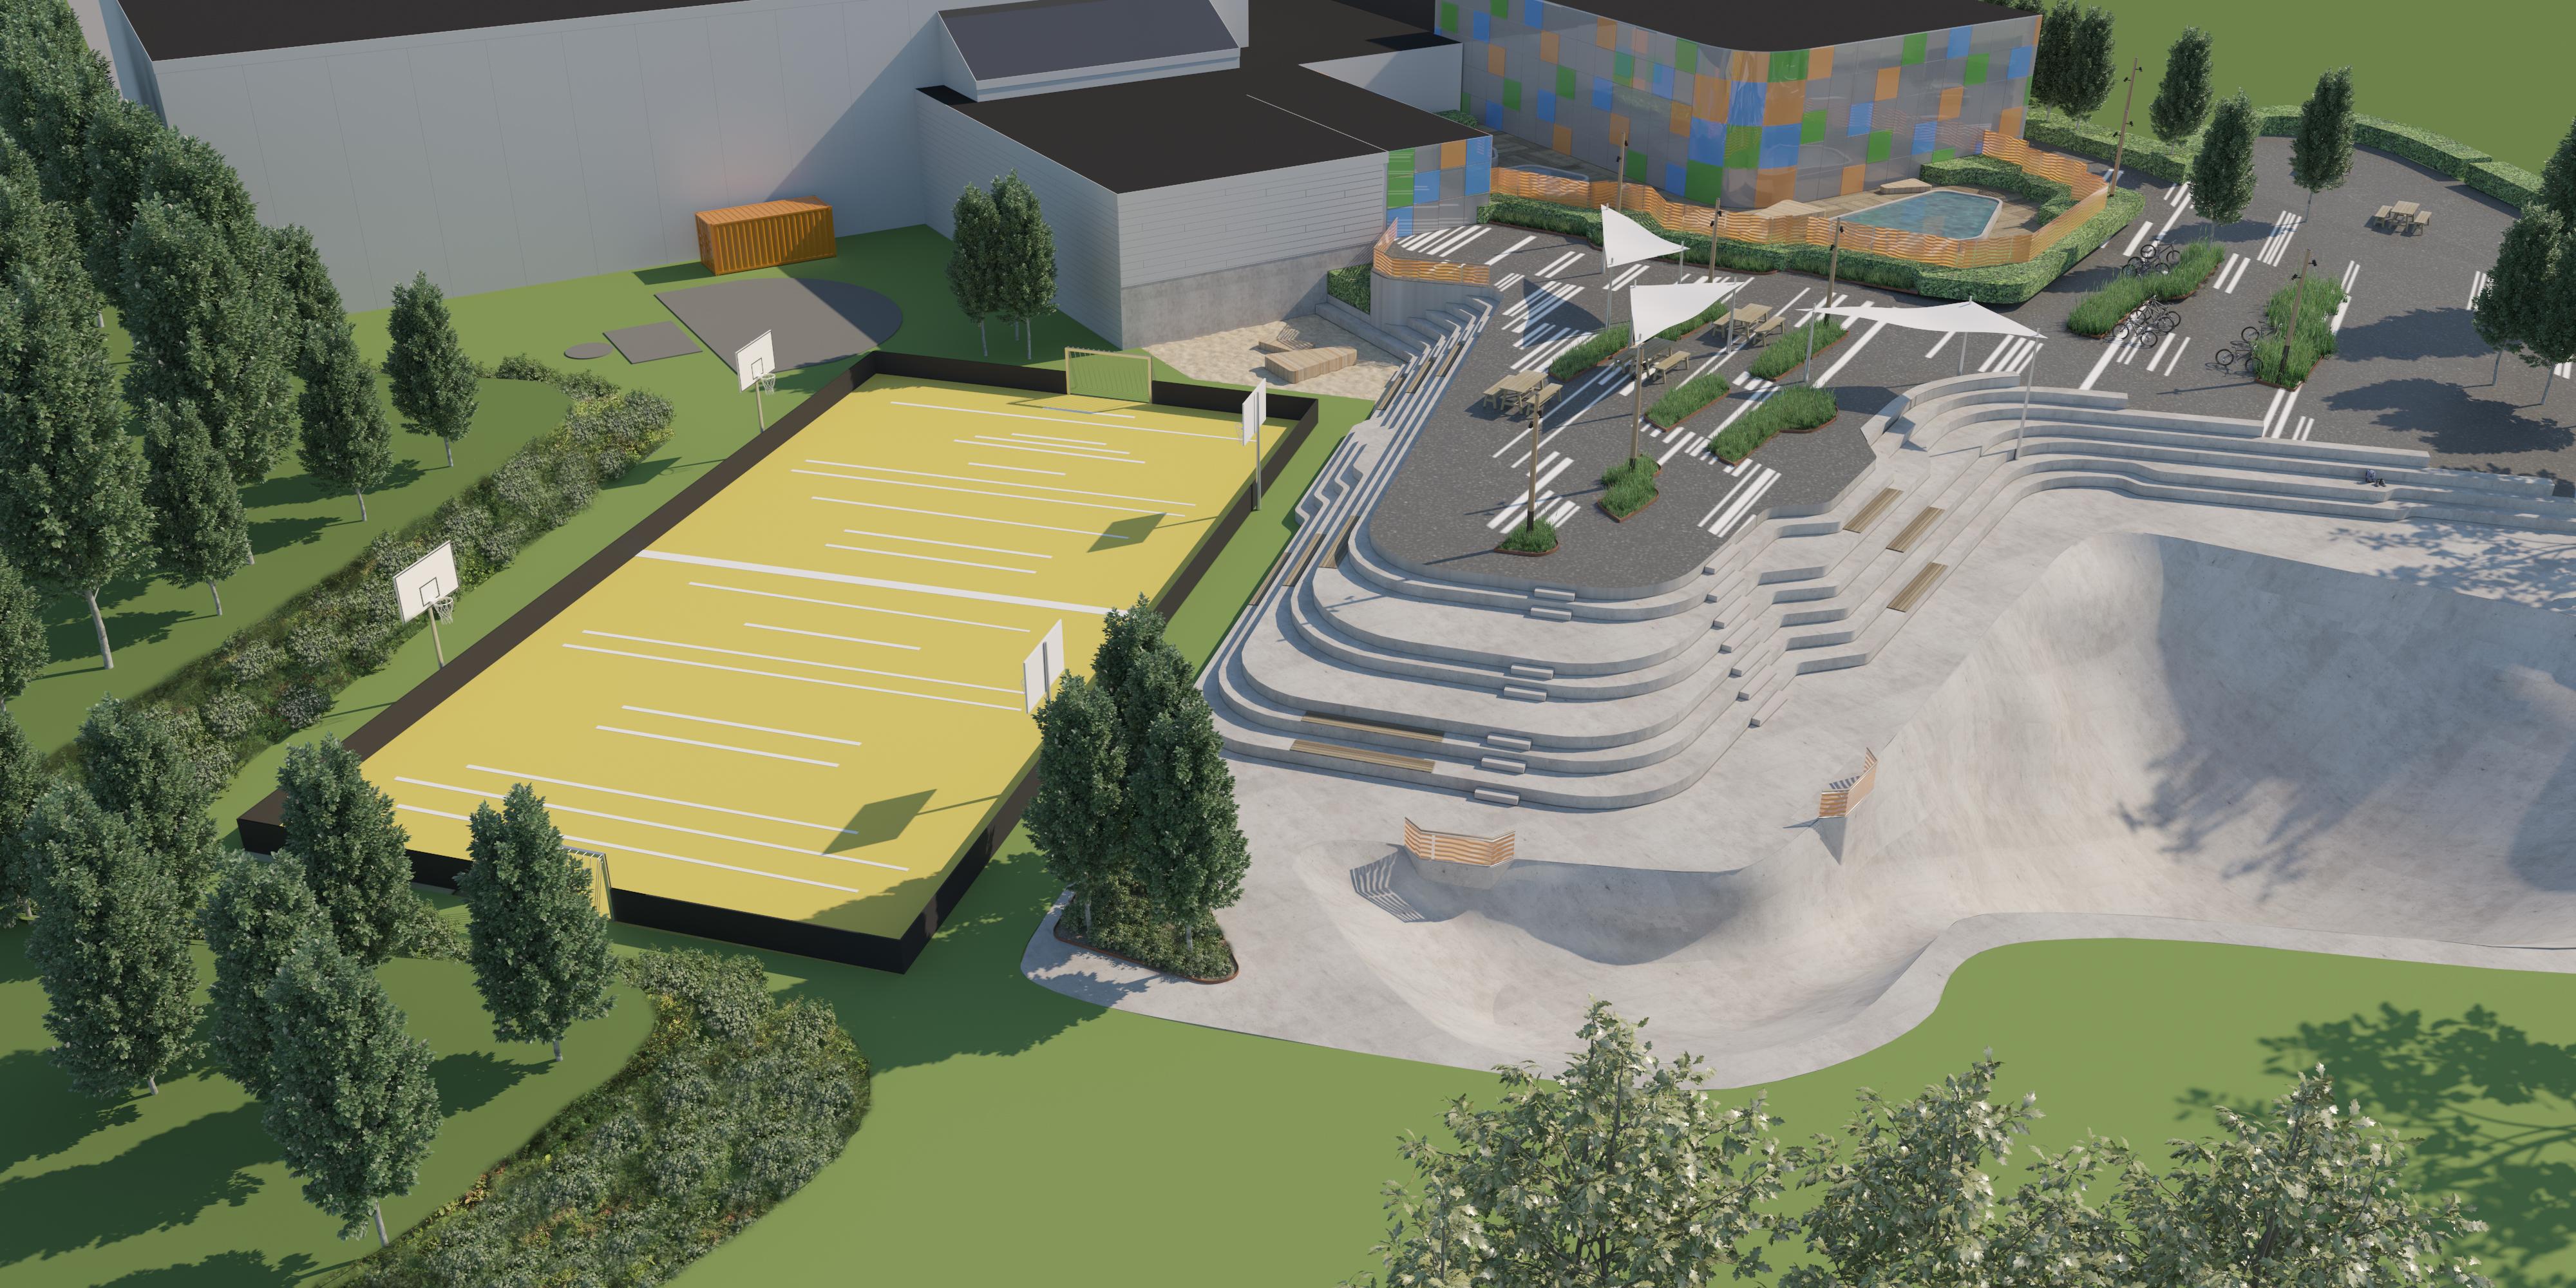 Arena Syd Illustration_2 MOOS LANDSKABER